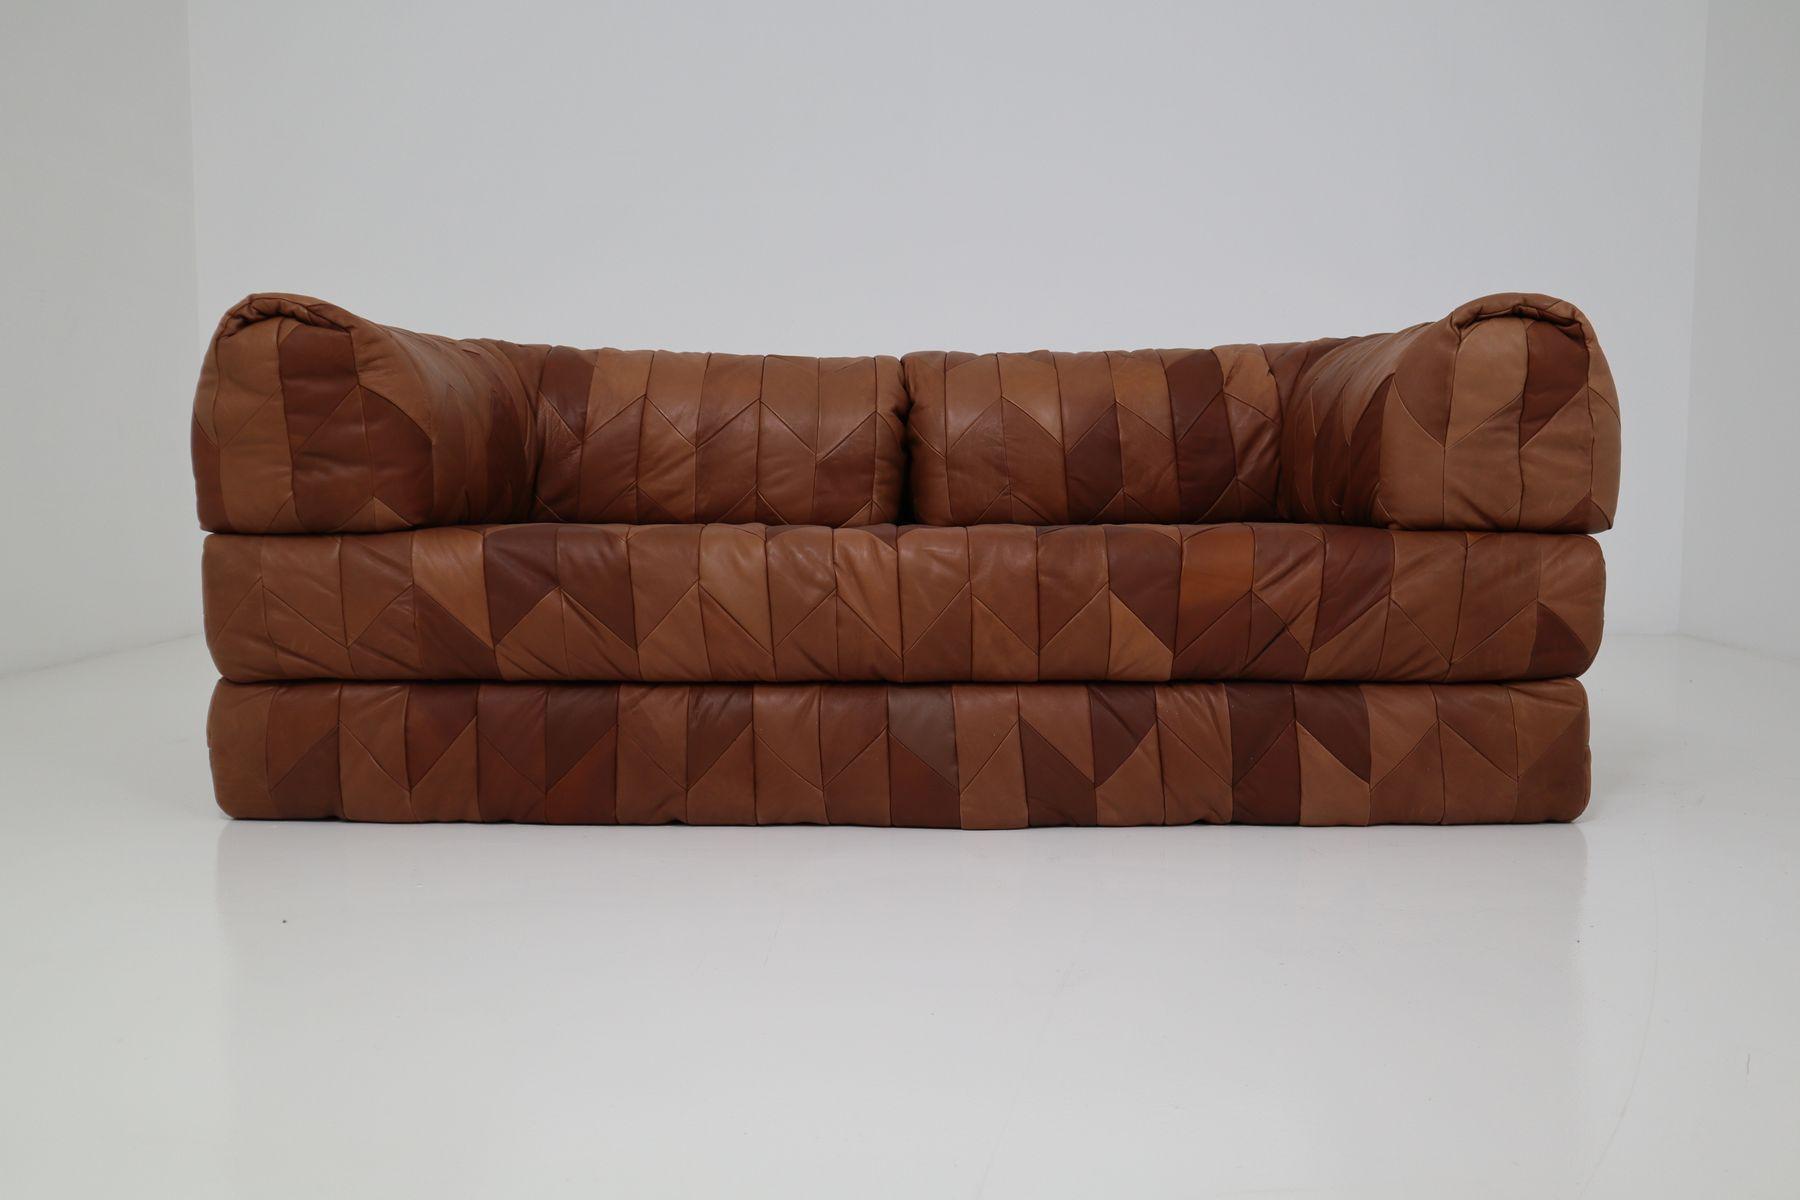 Cognacfarbenes Vintage Tagesbett aus Leder Patchwork, 1970er